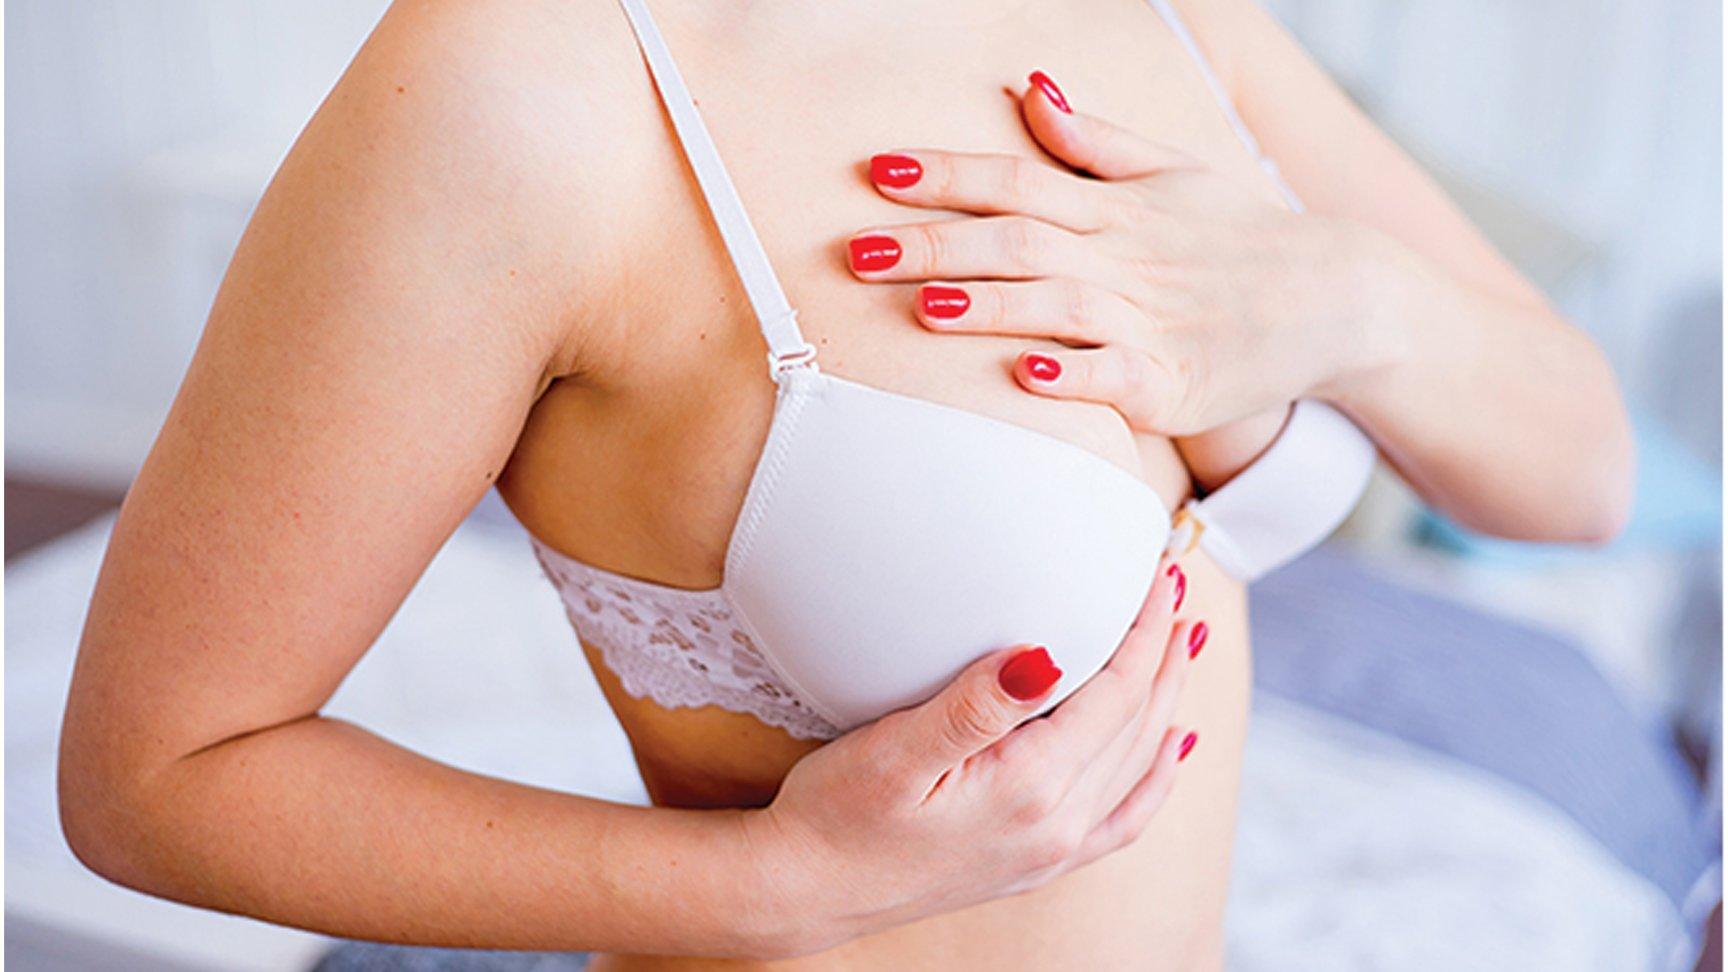 Brystreduksjon er den eneste kosmetiske operasjonen